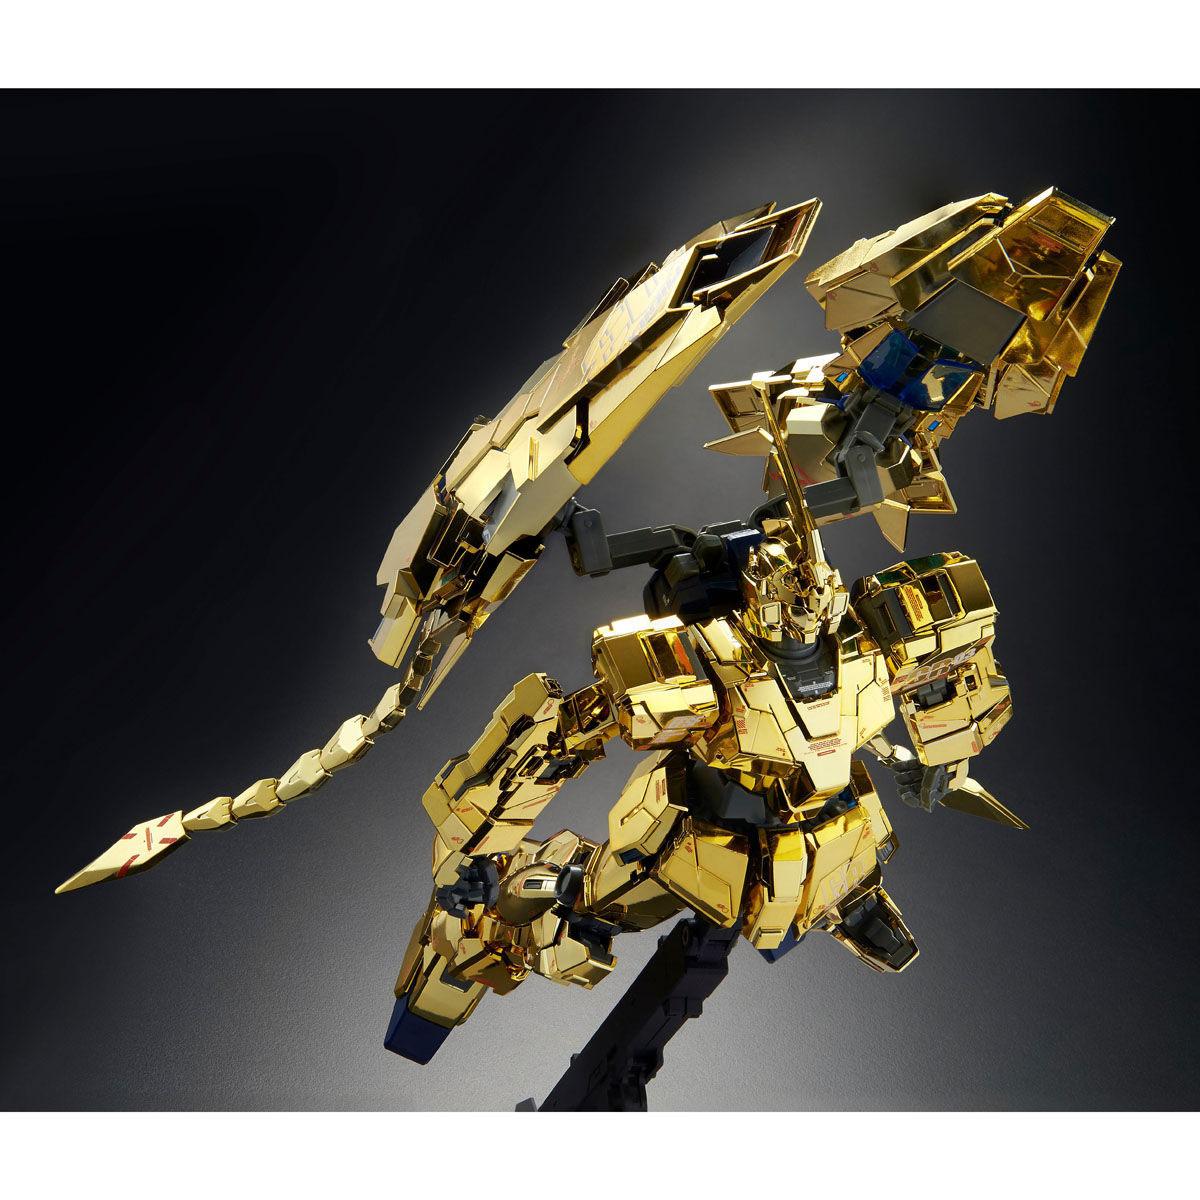 MG 1/100『ユニコーンガンダム3号機 フェネクス(ナラティブVer.)』プラモデル-006